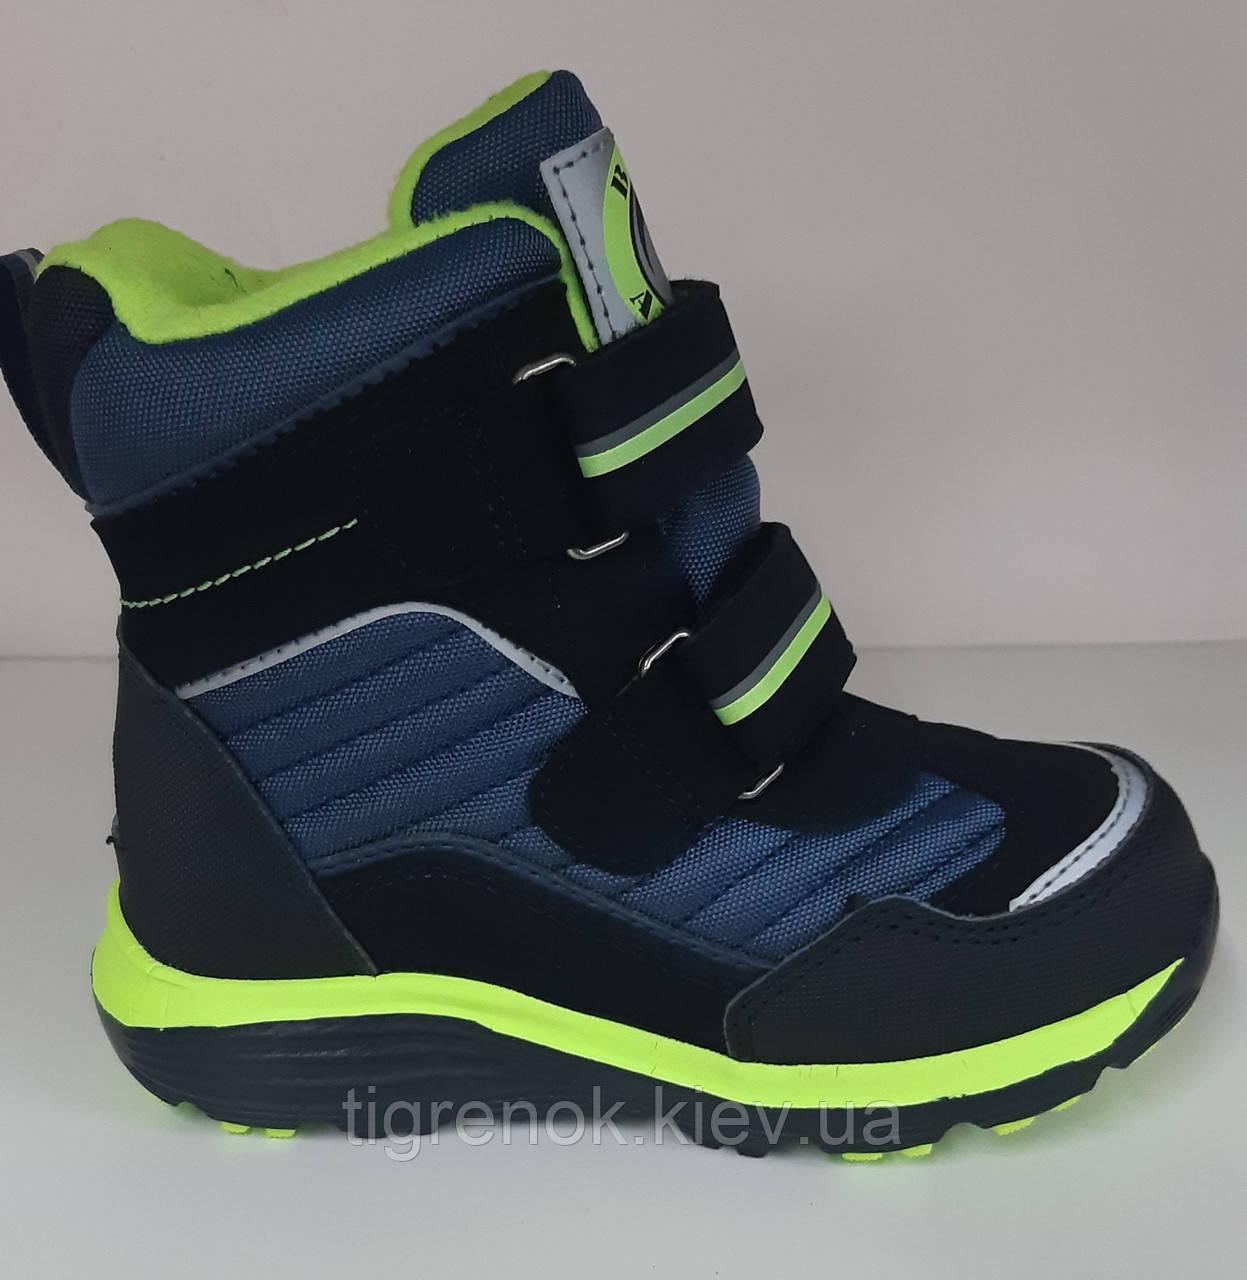 18e080b1873ca5 Термо ботинки сапоги подростковые детские зимние B&G зимняя обувь Размеры  27-32